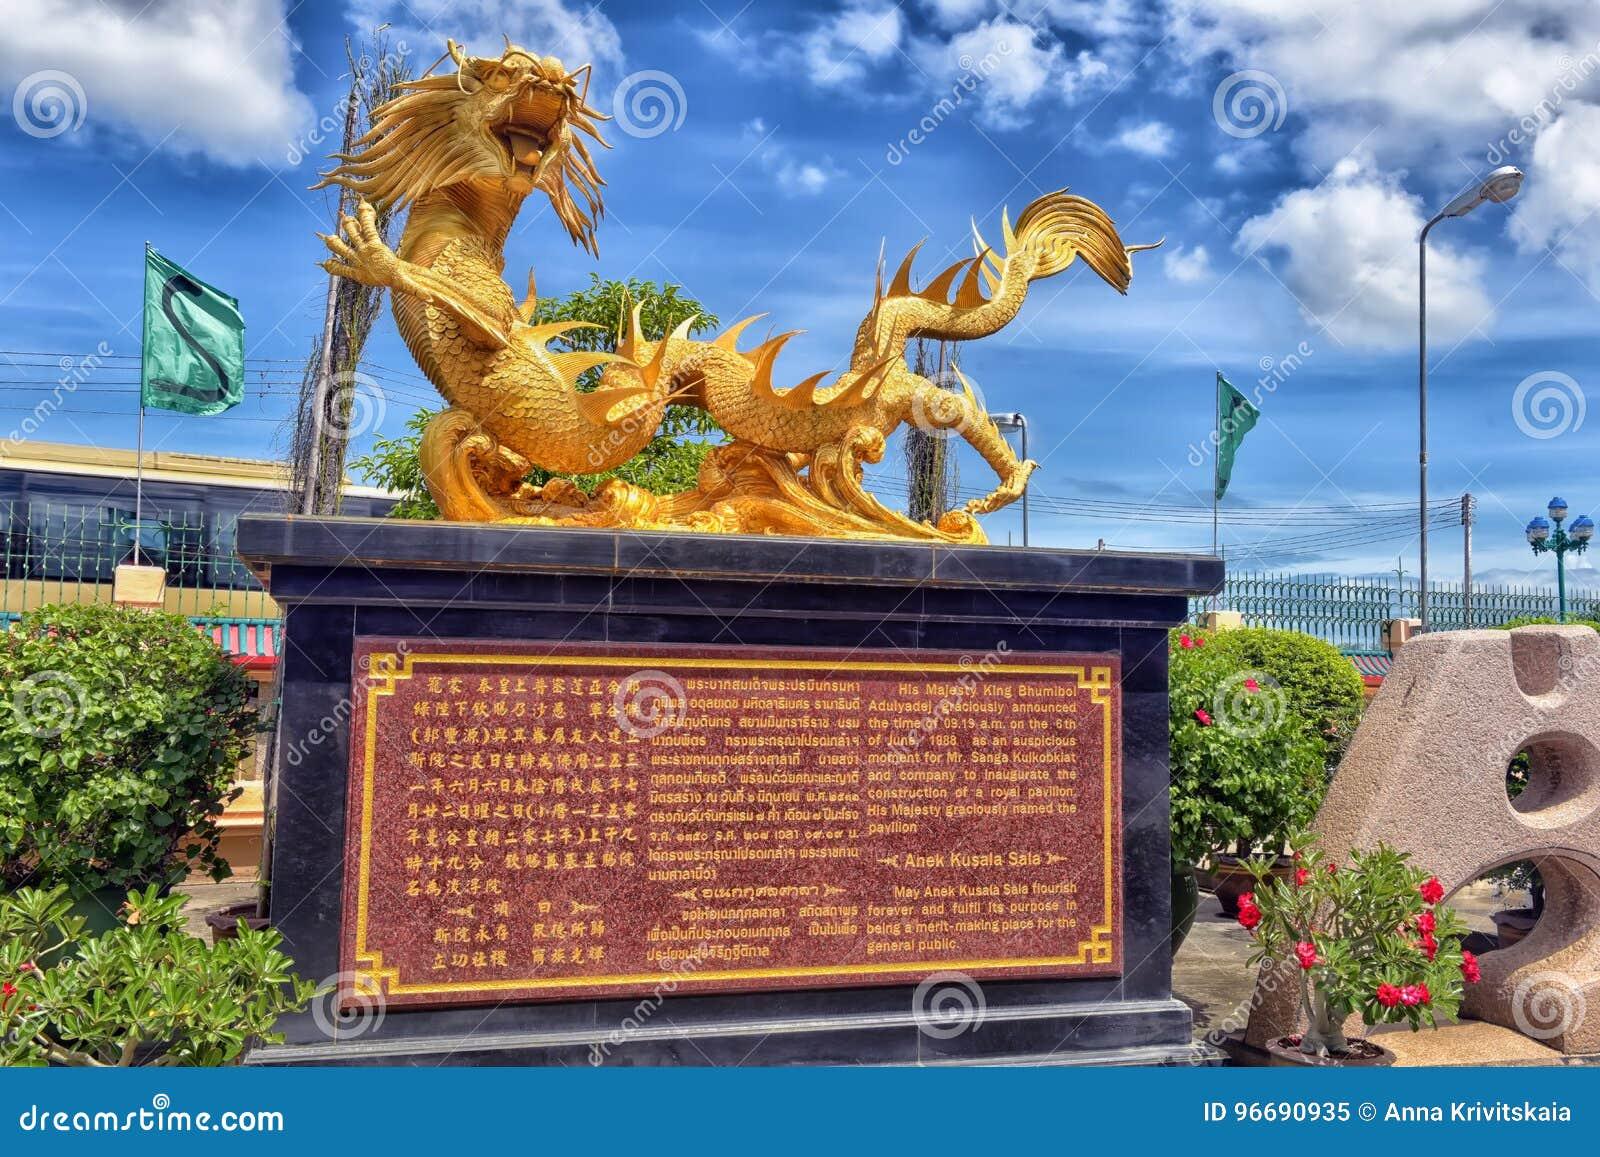 Escultura china hermosa de los dragones en el templo chino de Anek Kusala Sala Viharn Sien en Pattaya,